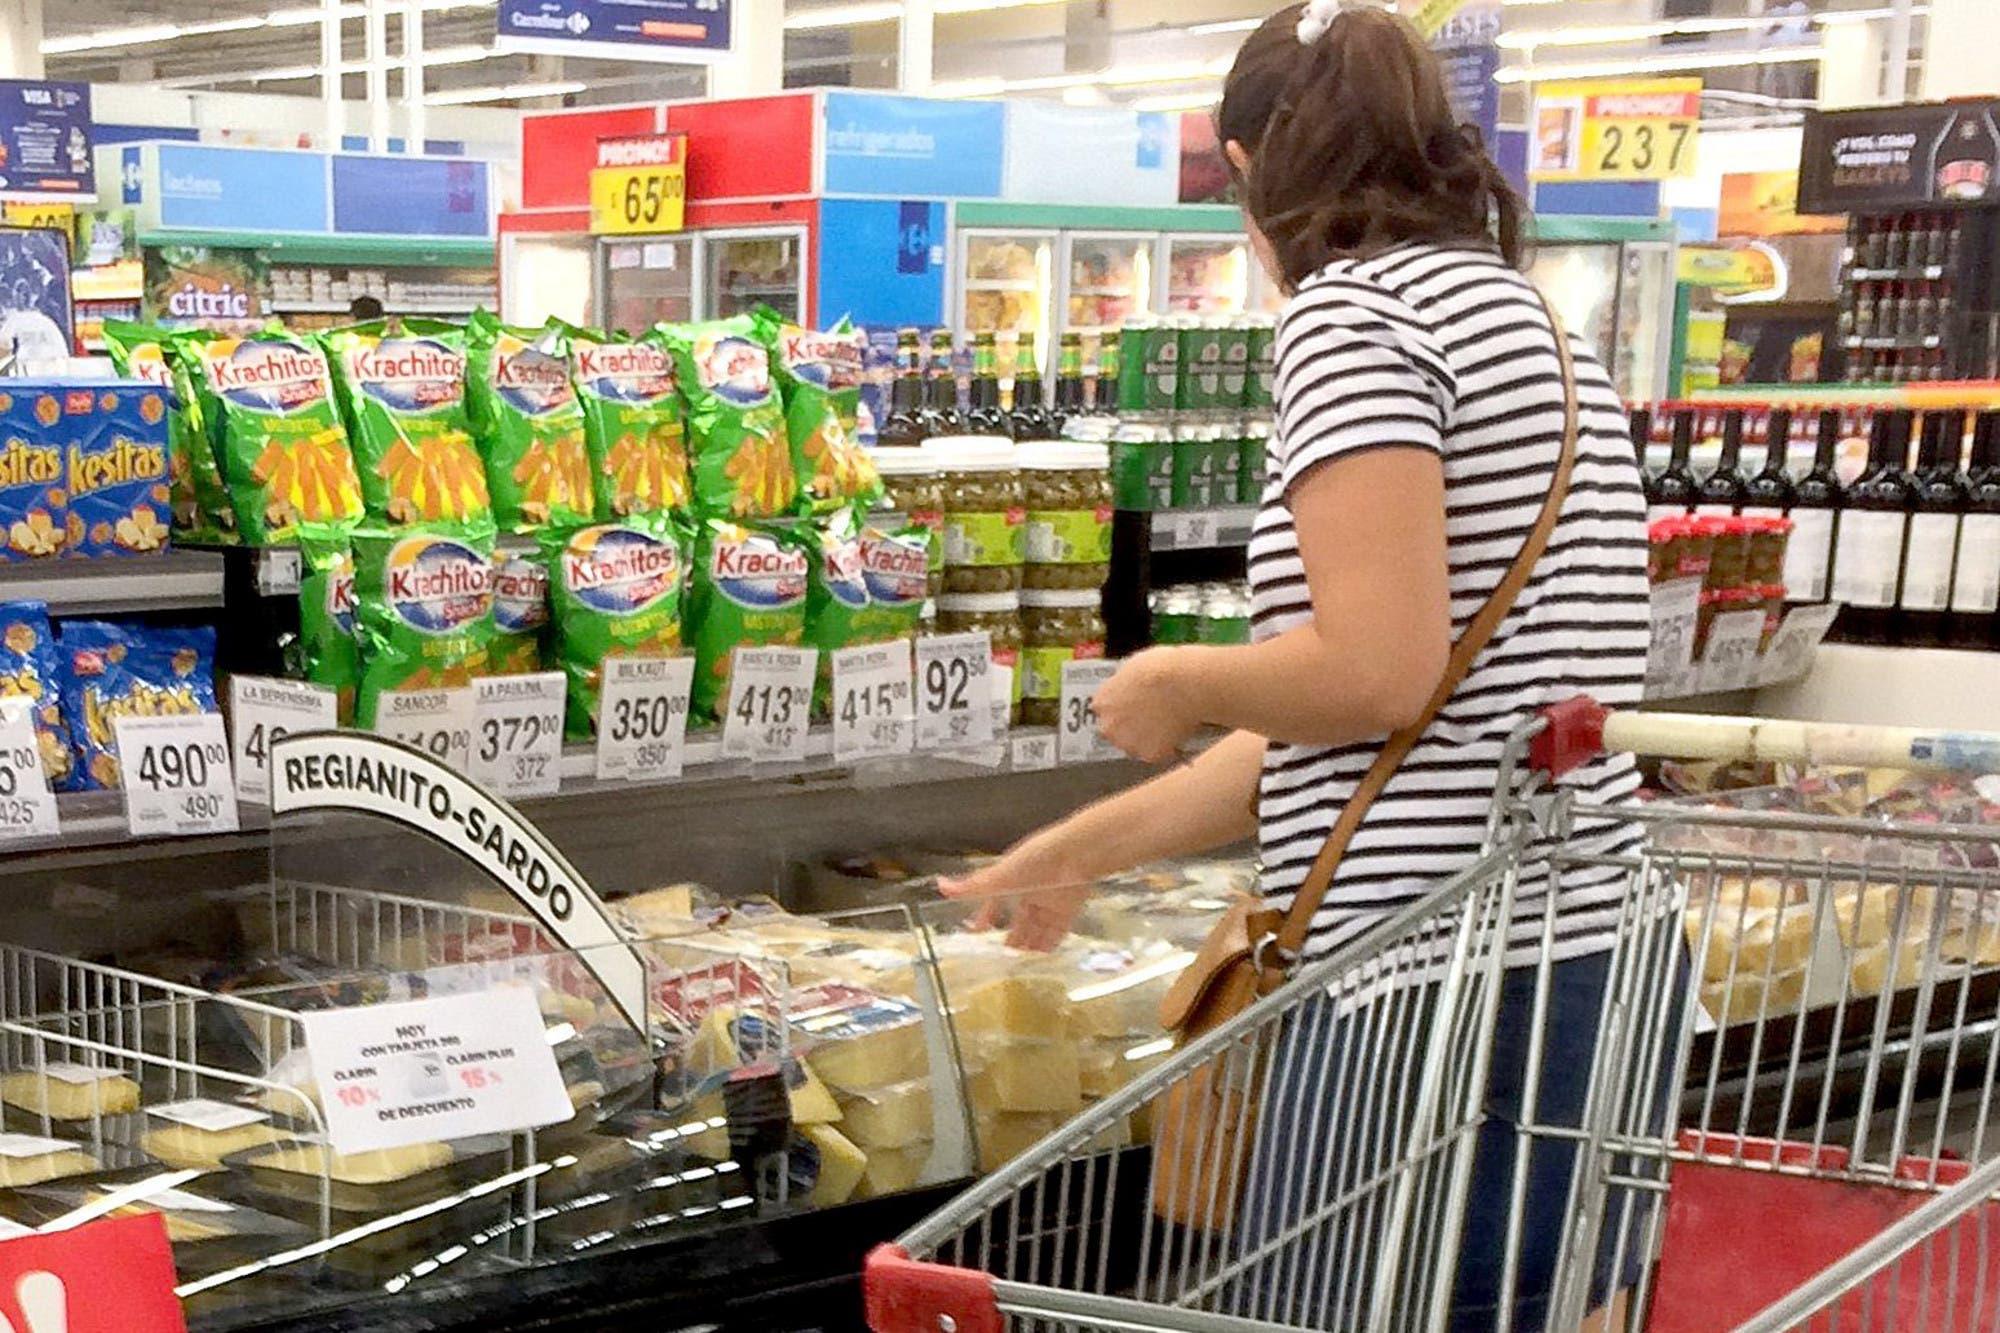 inflacion:-la-industria-y-el-comercio-alertan-que-el-alza-de-tarifas-impactara-en-un-aumento-de-los-precios